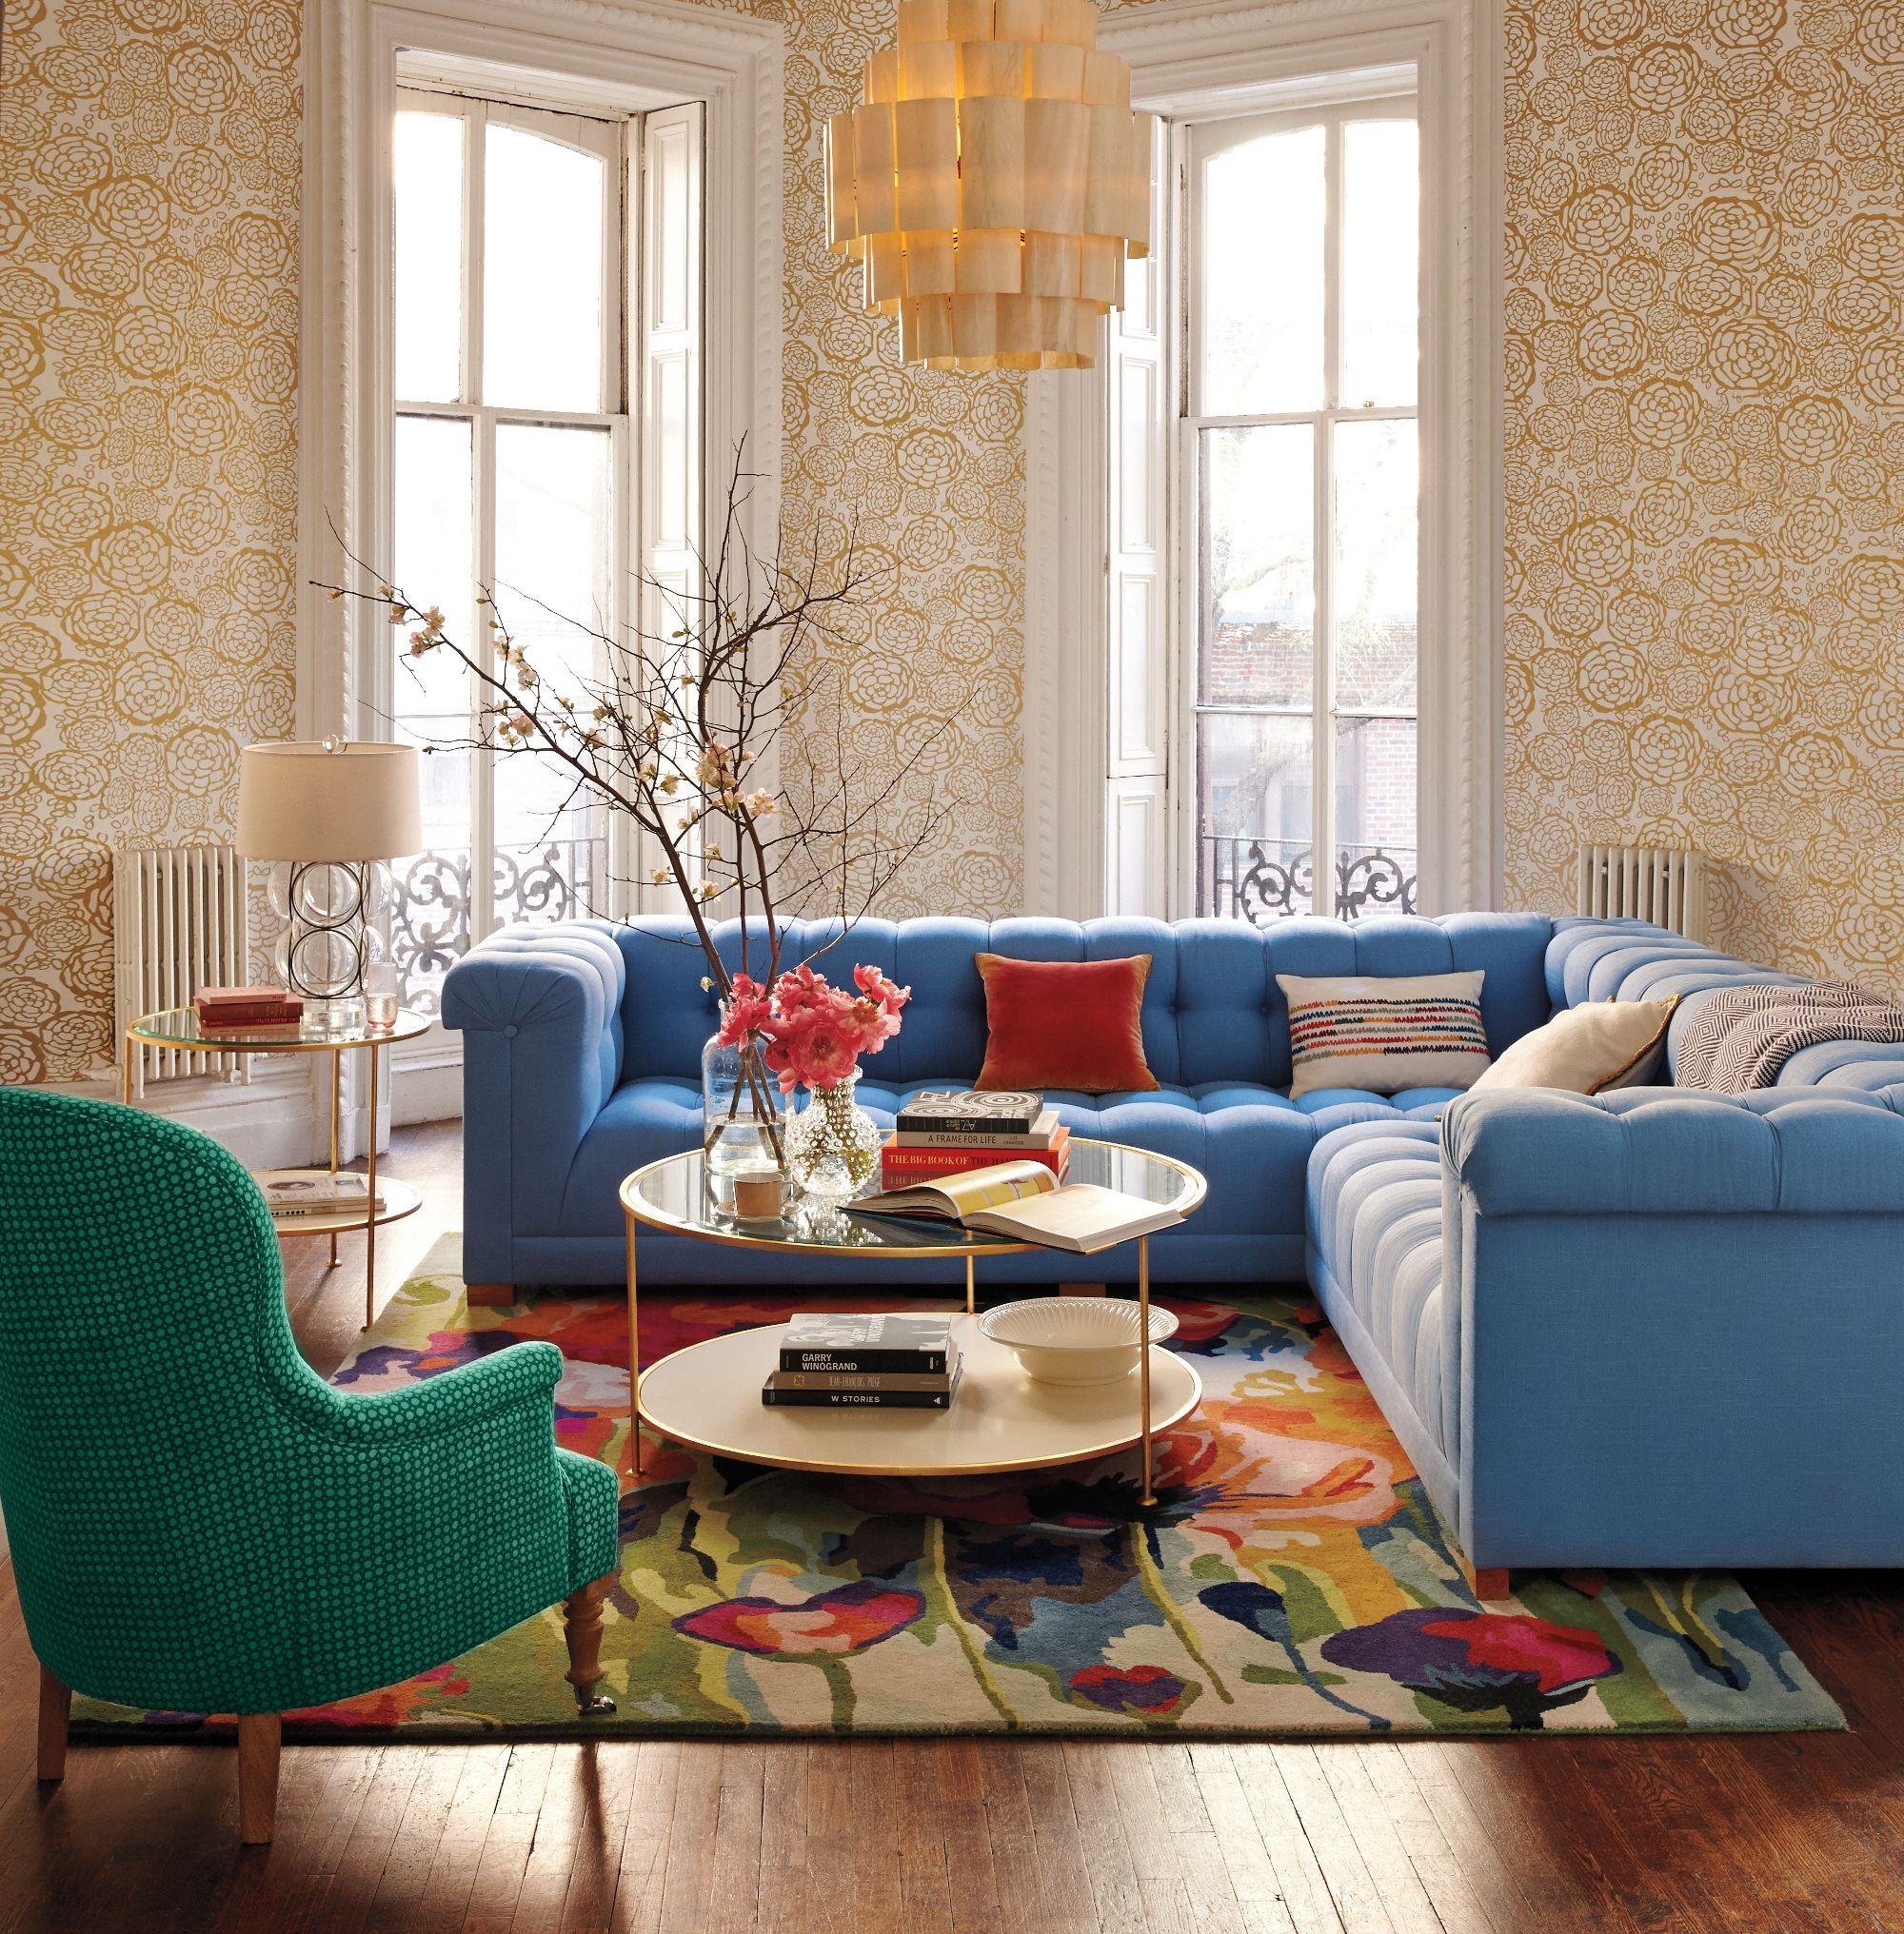 Linen kettleby sofa lovely living rooms living room home decor living room decor for Anthropologie living room ideas